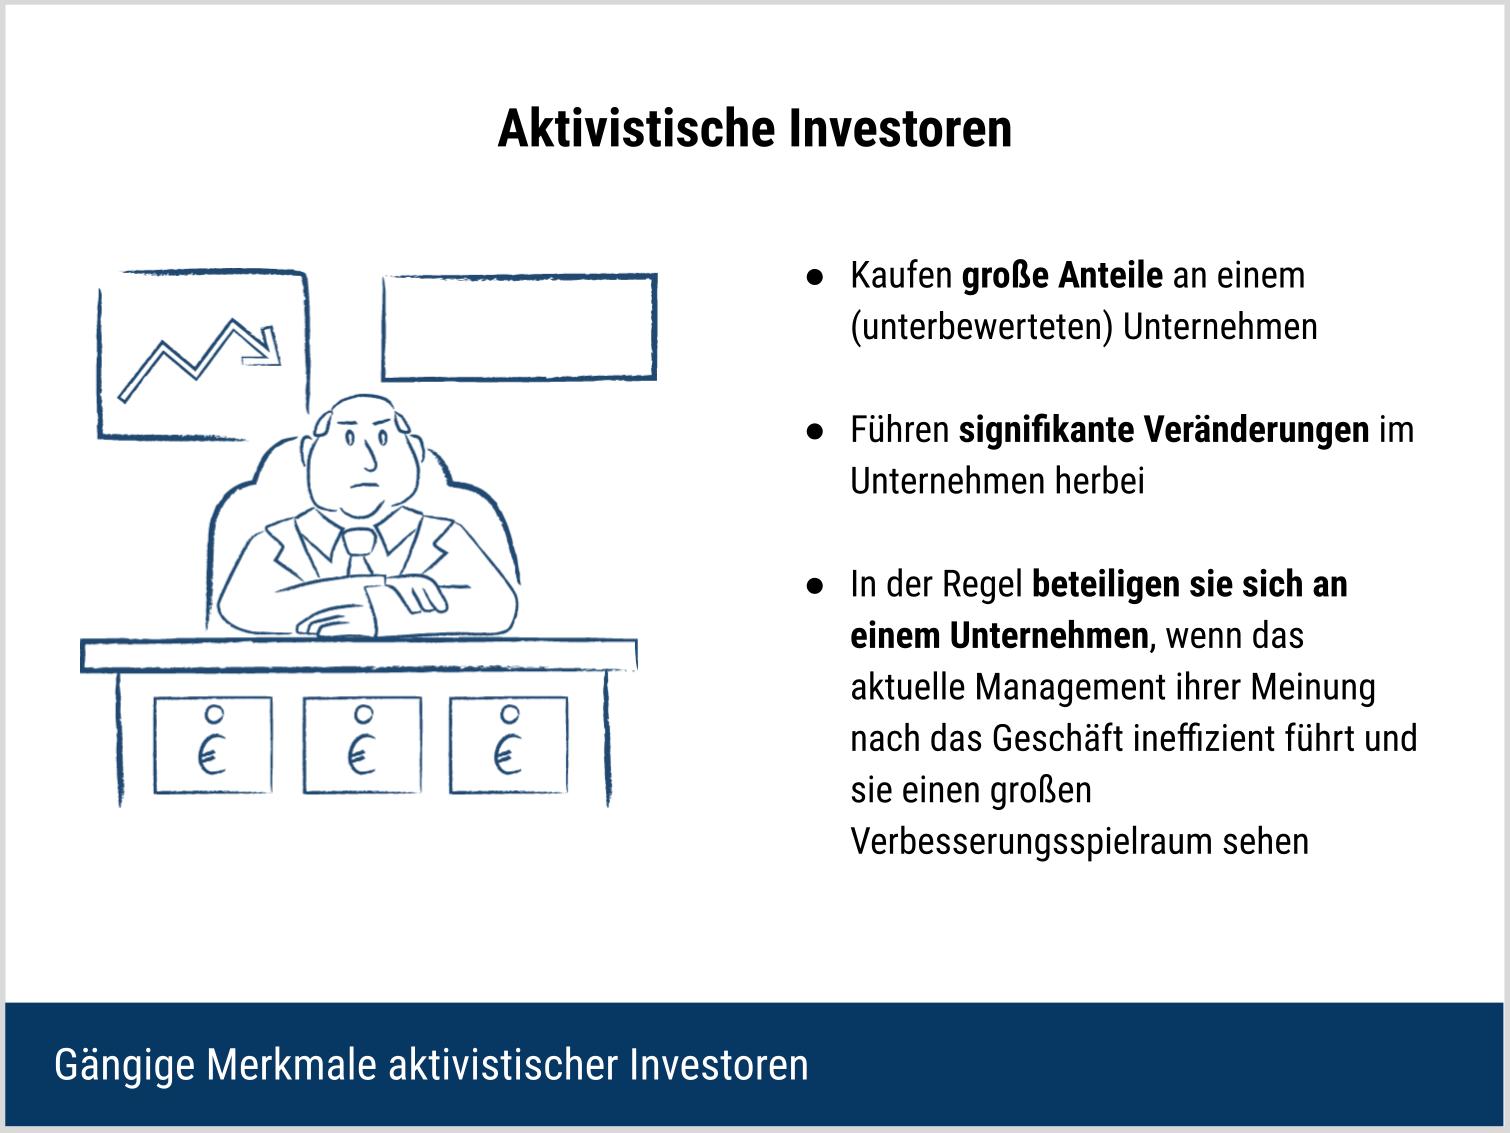 Aktivistische Investoren - Allgemeine Beschreibung